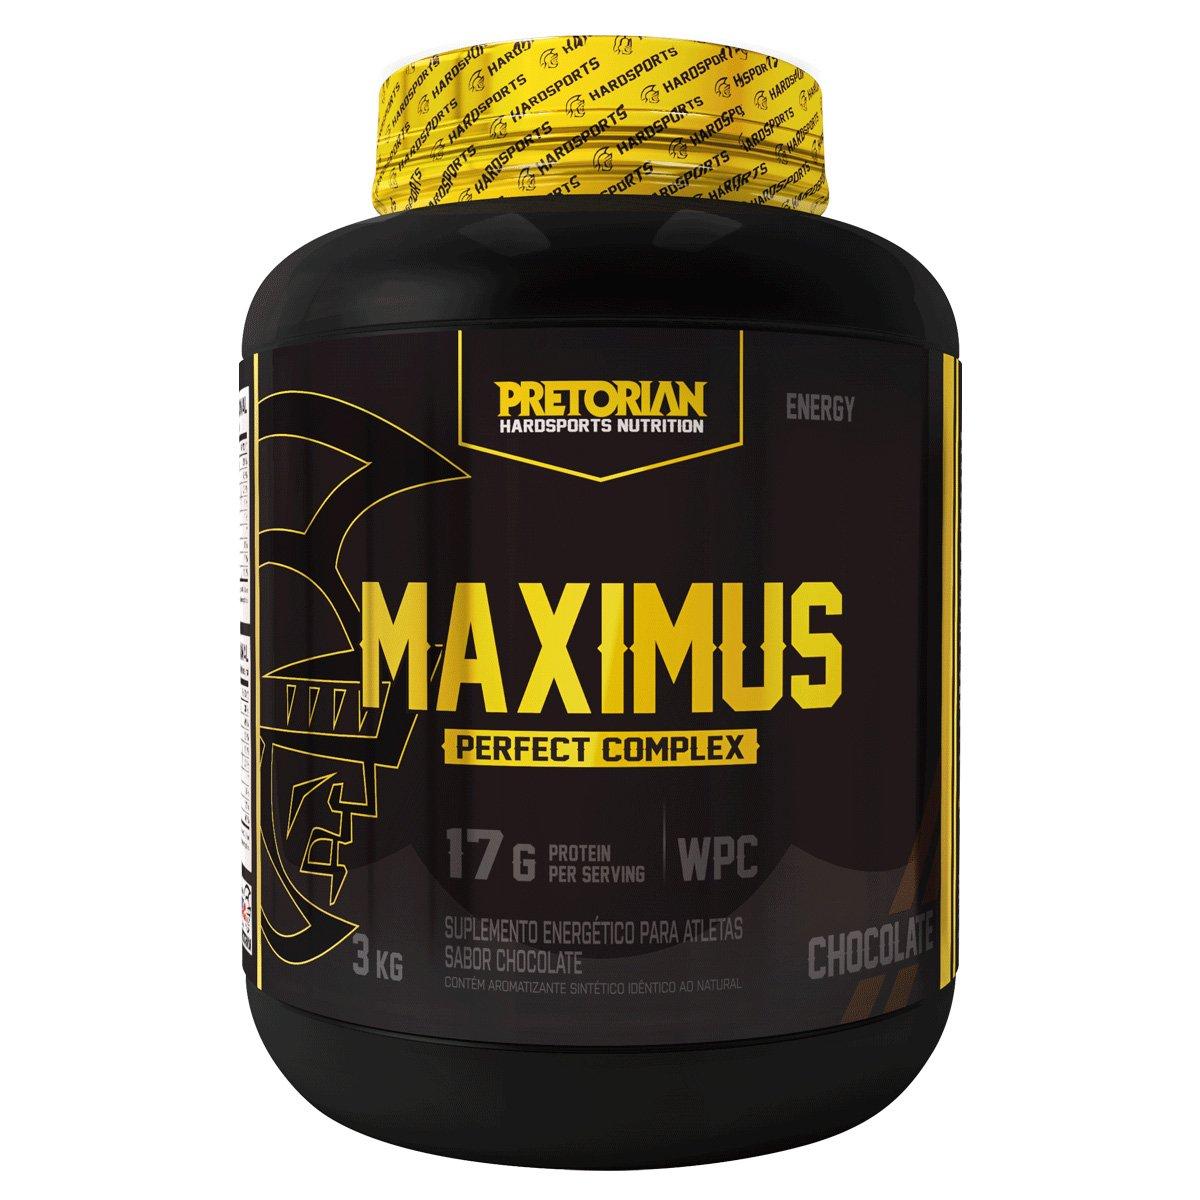 5985a94eb1 Hipercalórico Maximus Muscle Gain 3kg Exclusivo - Pretorian